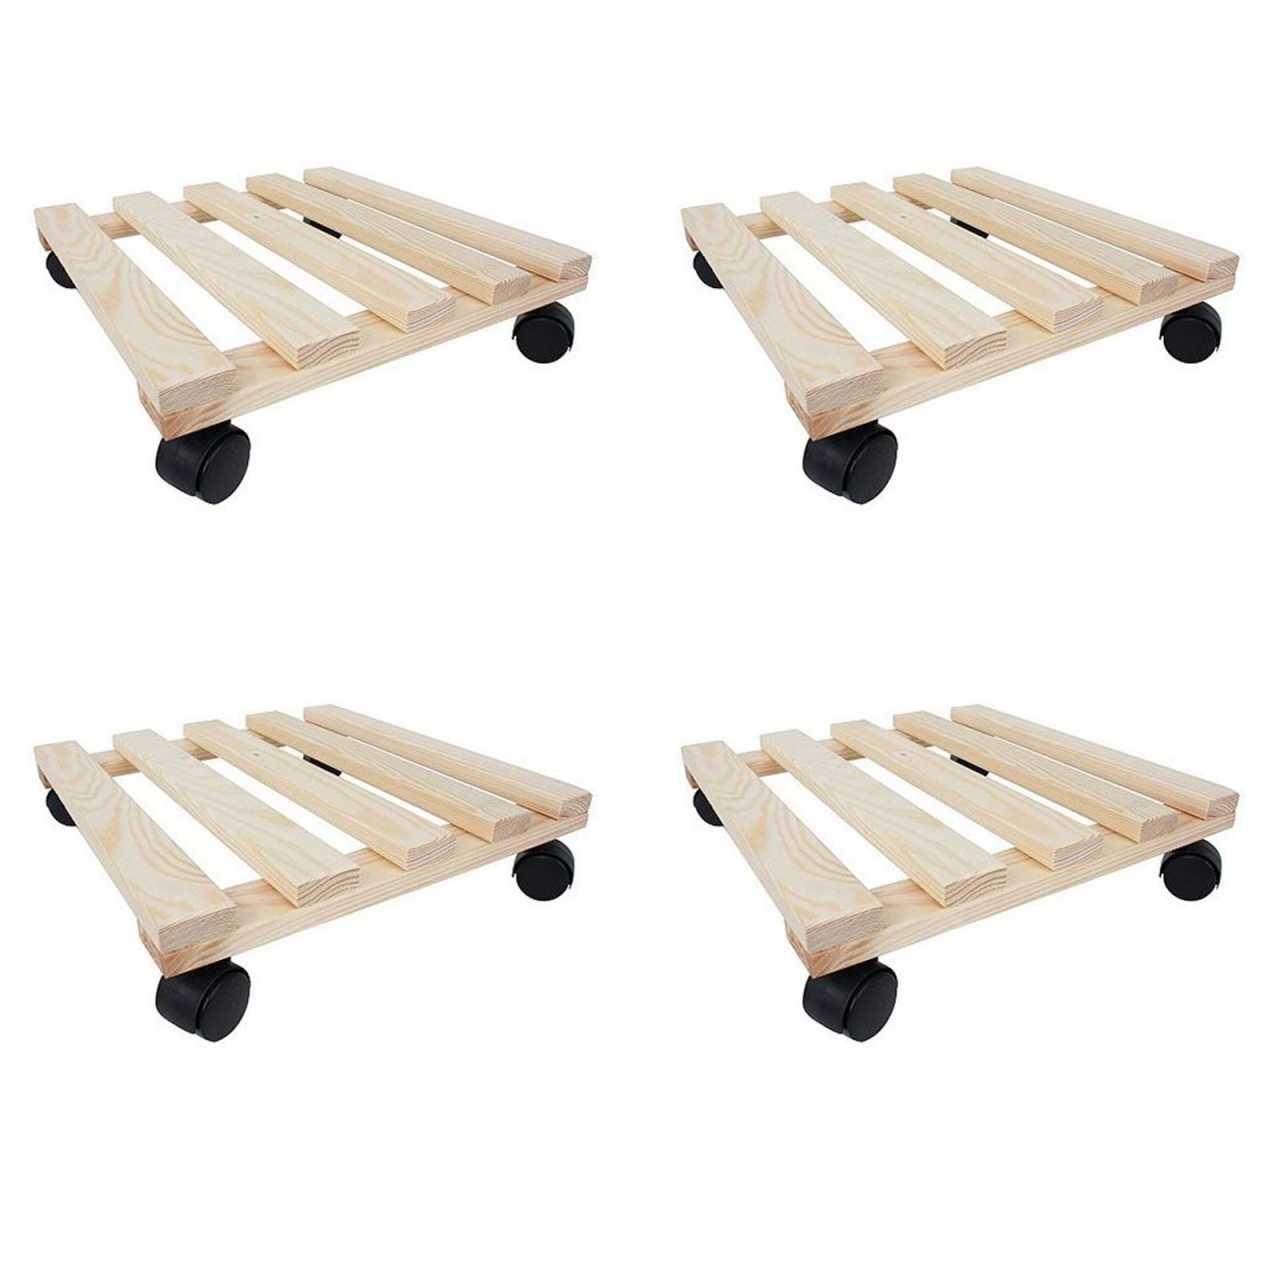 4er Set Pflanzenroller eckig aus Holz bis 100 Kg belastbar